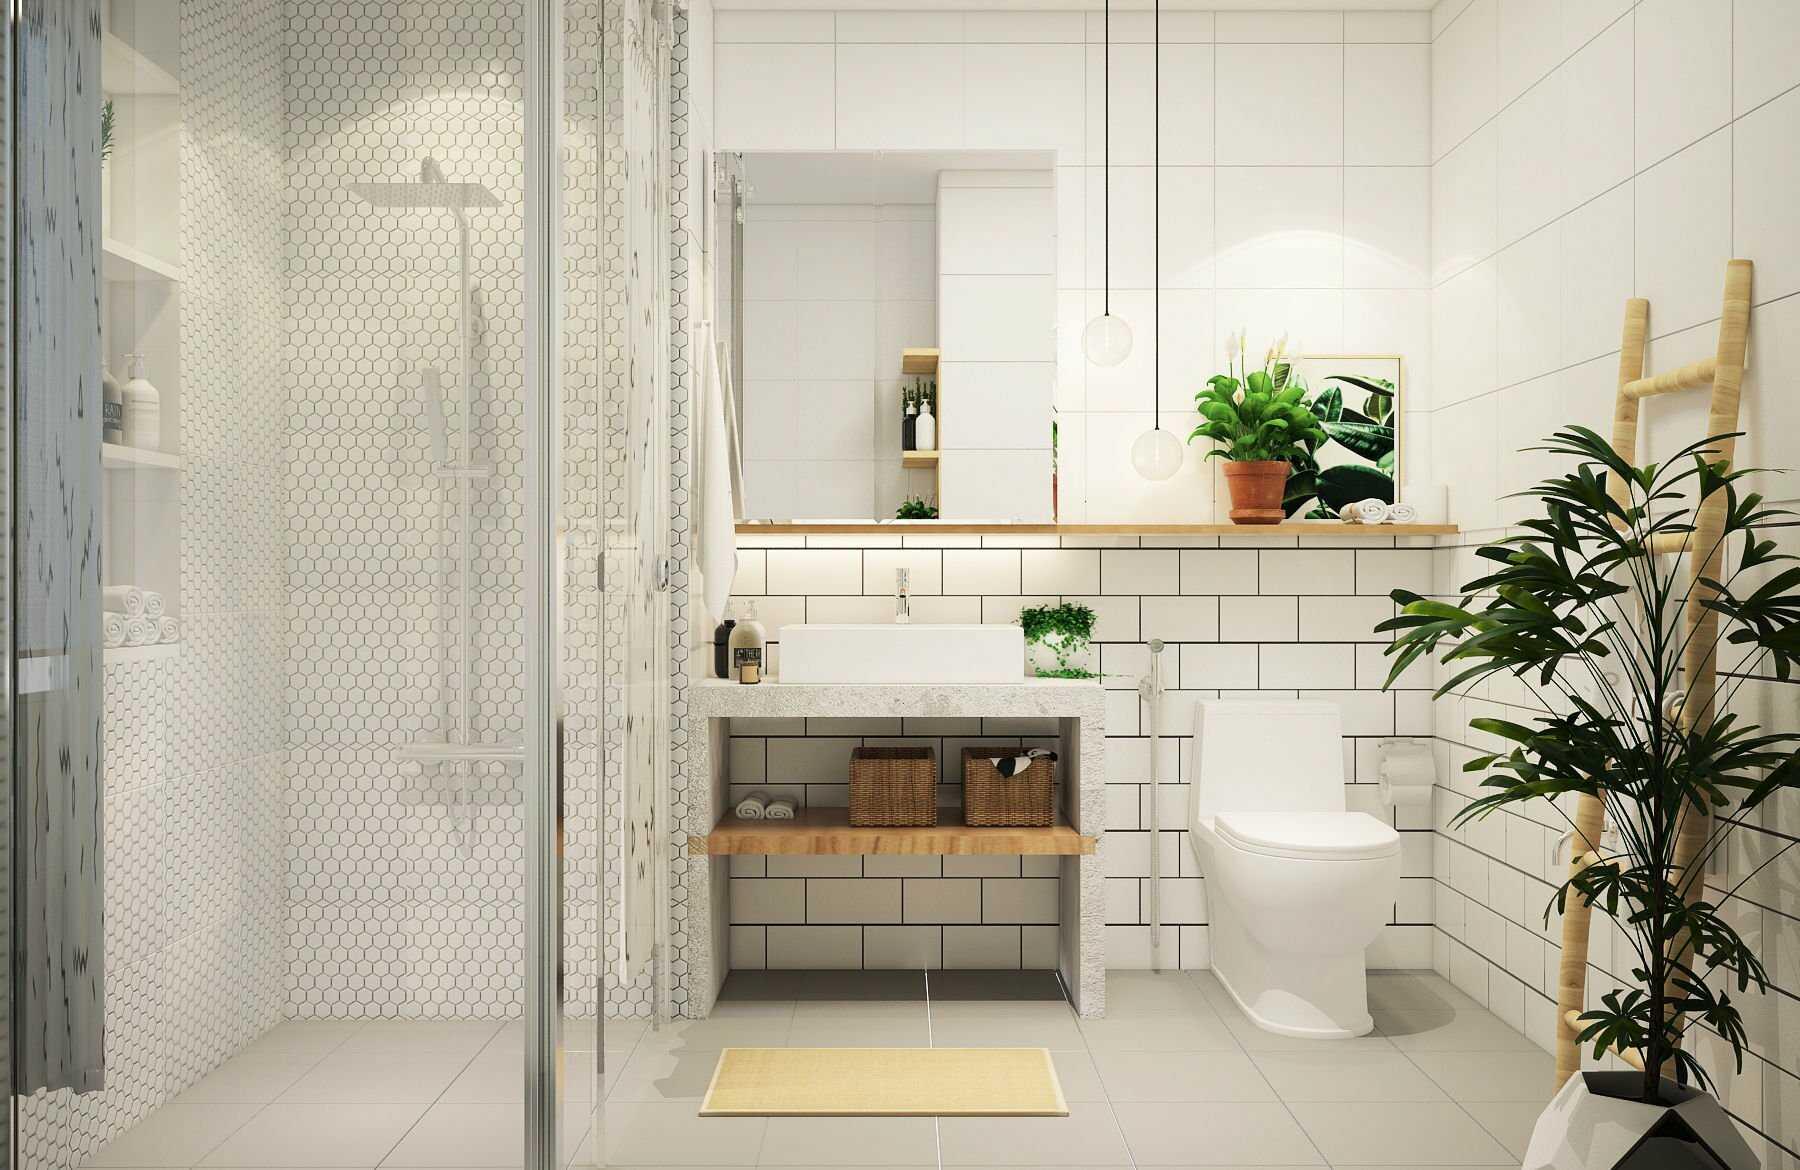 thiết kế phòng tắm 2m2